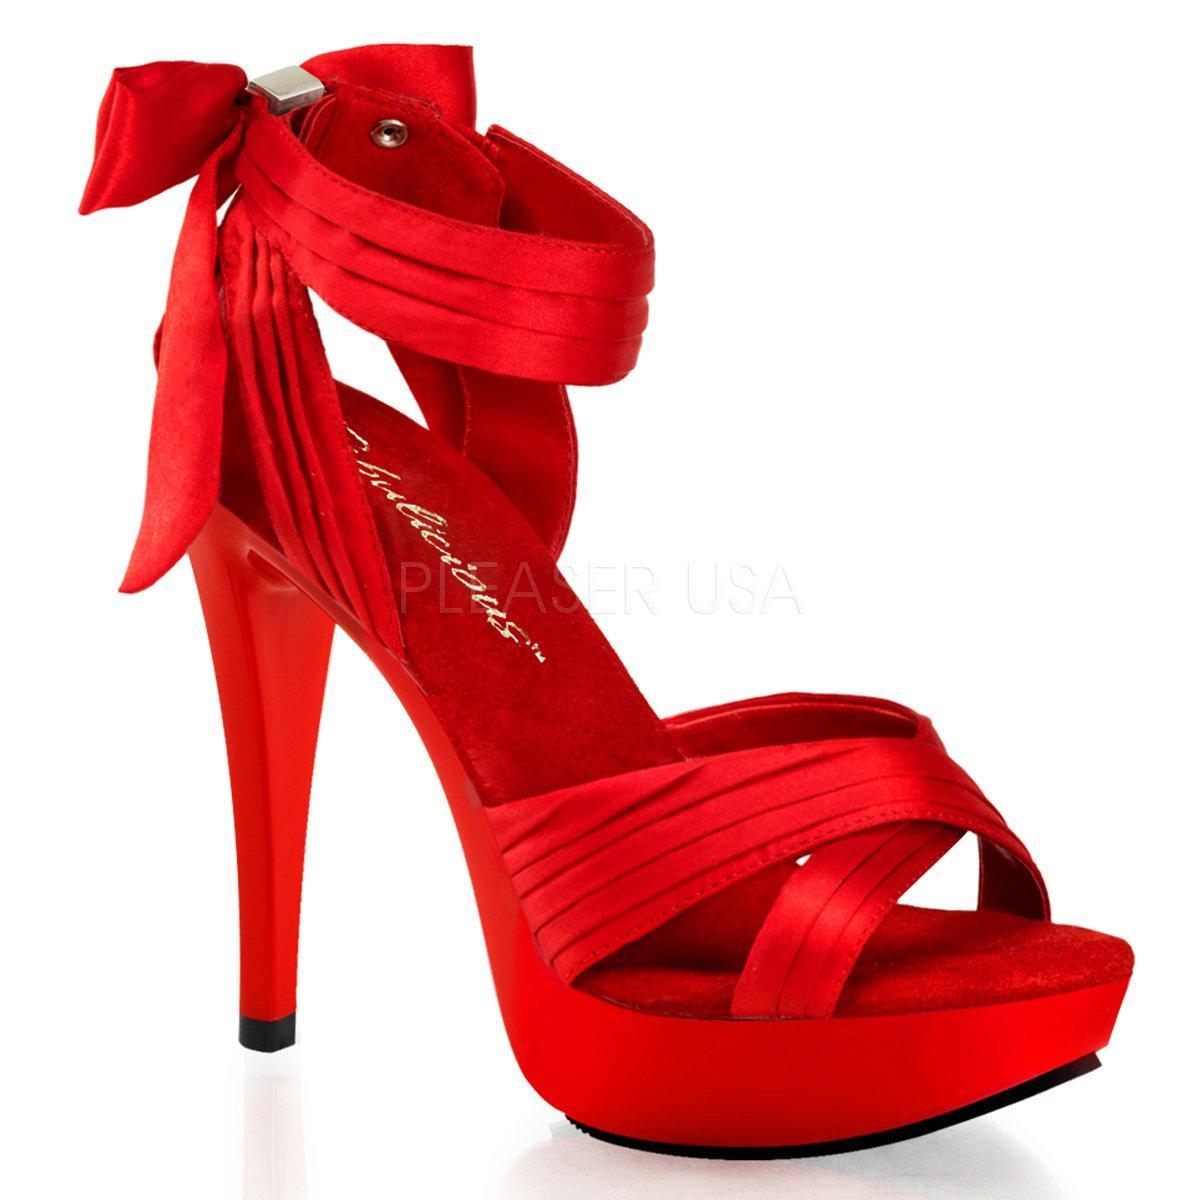 ac8653f9d302 COCKTAIL-568 Elegantní červené společenské sandálky na jehlách s mašlí